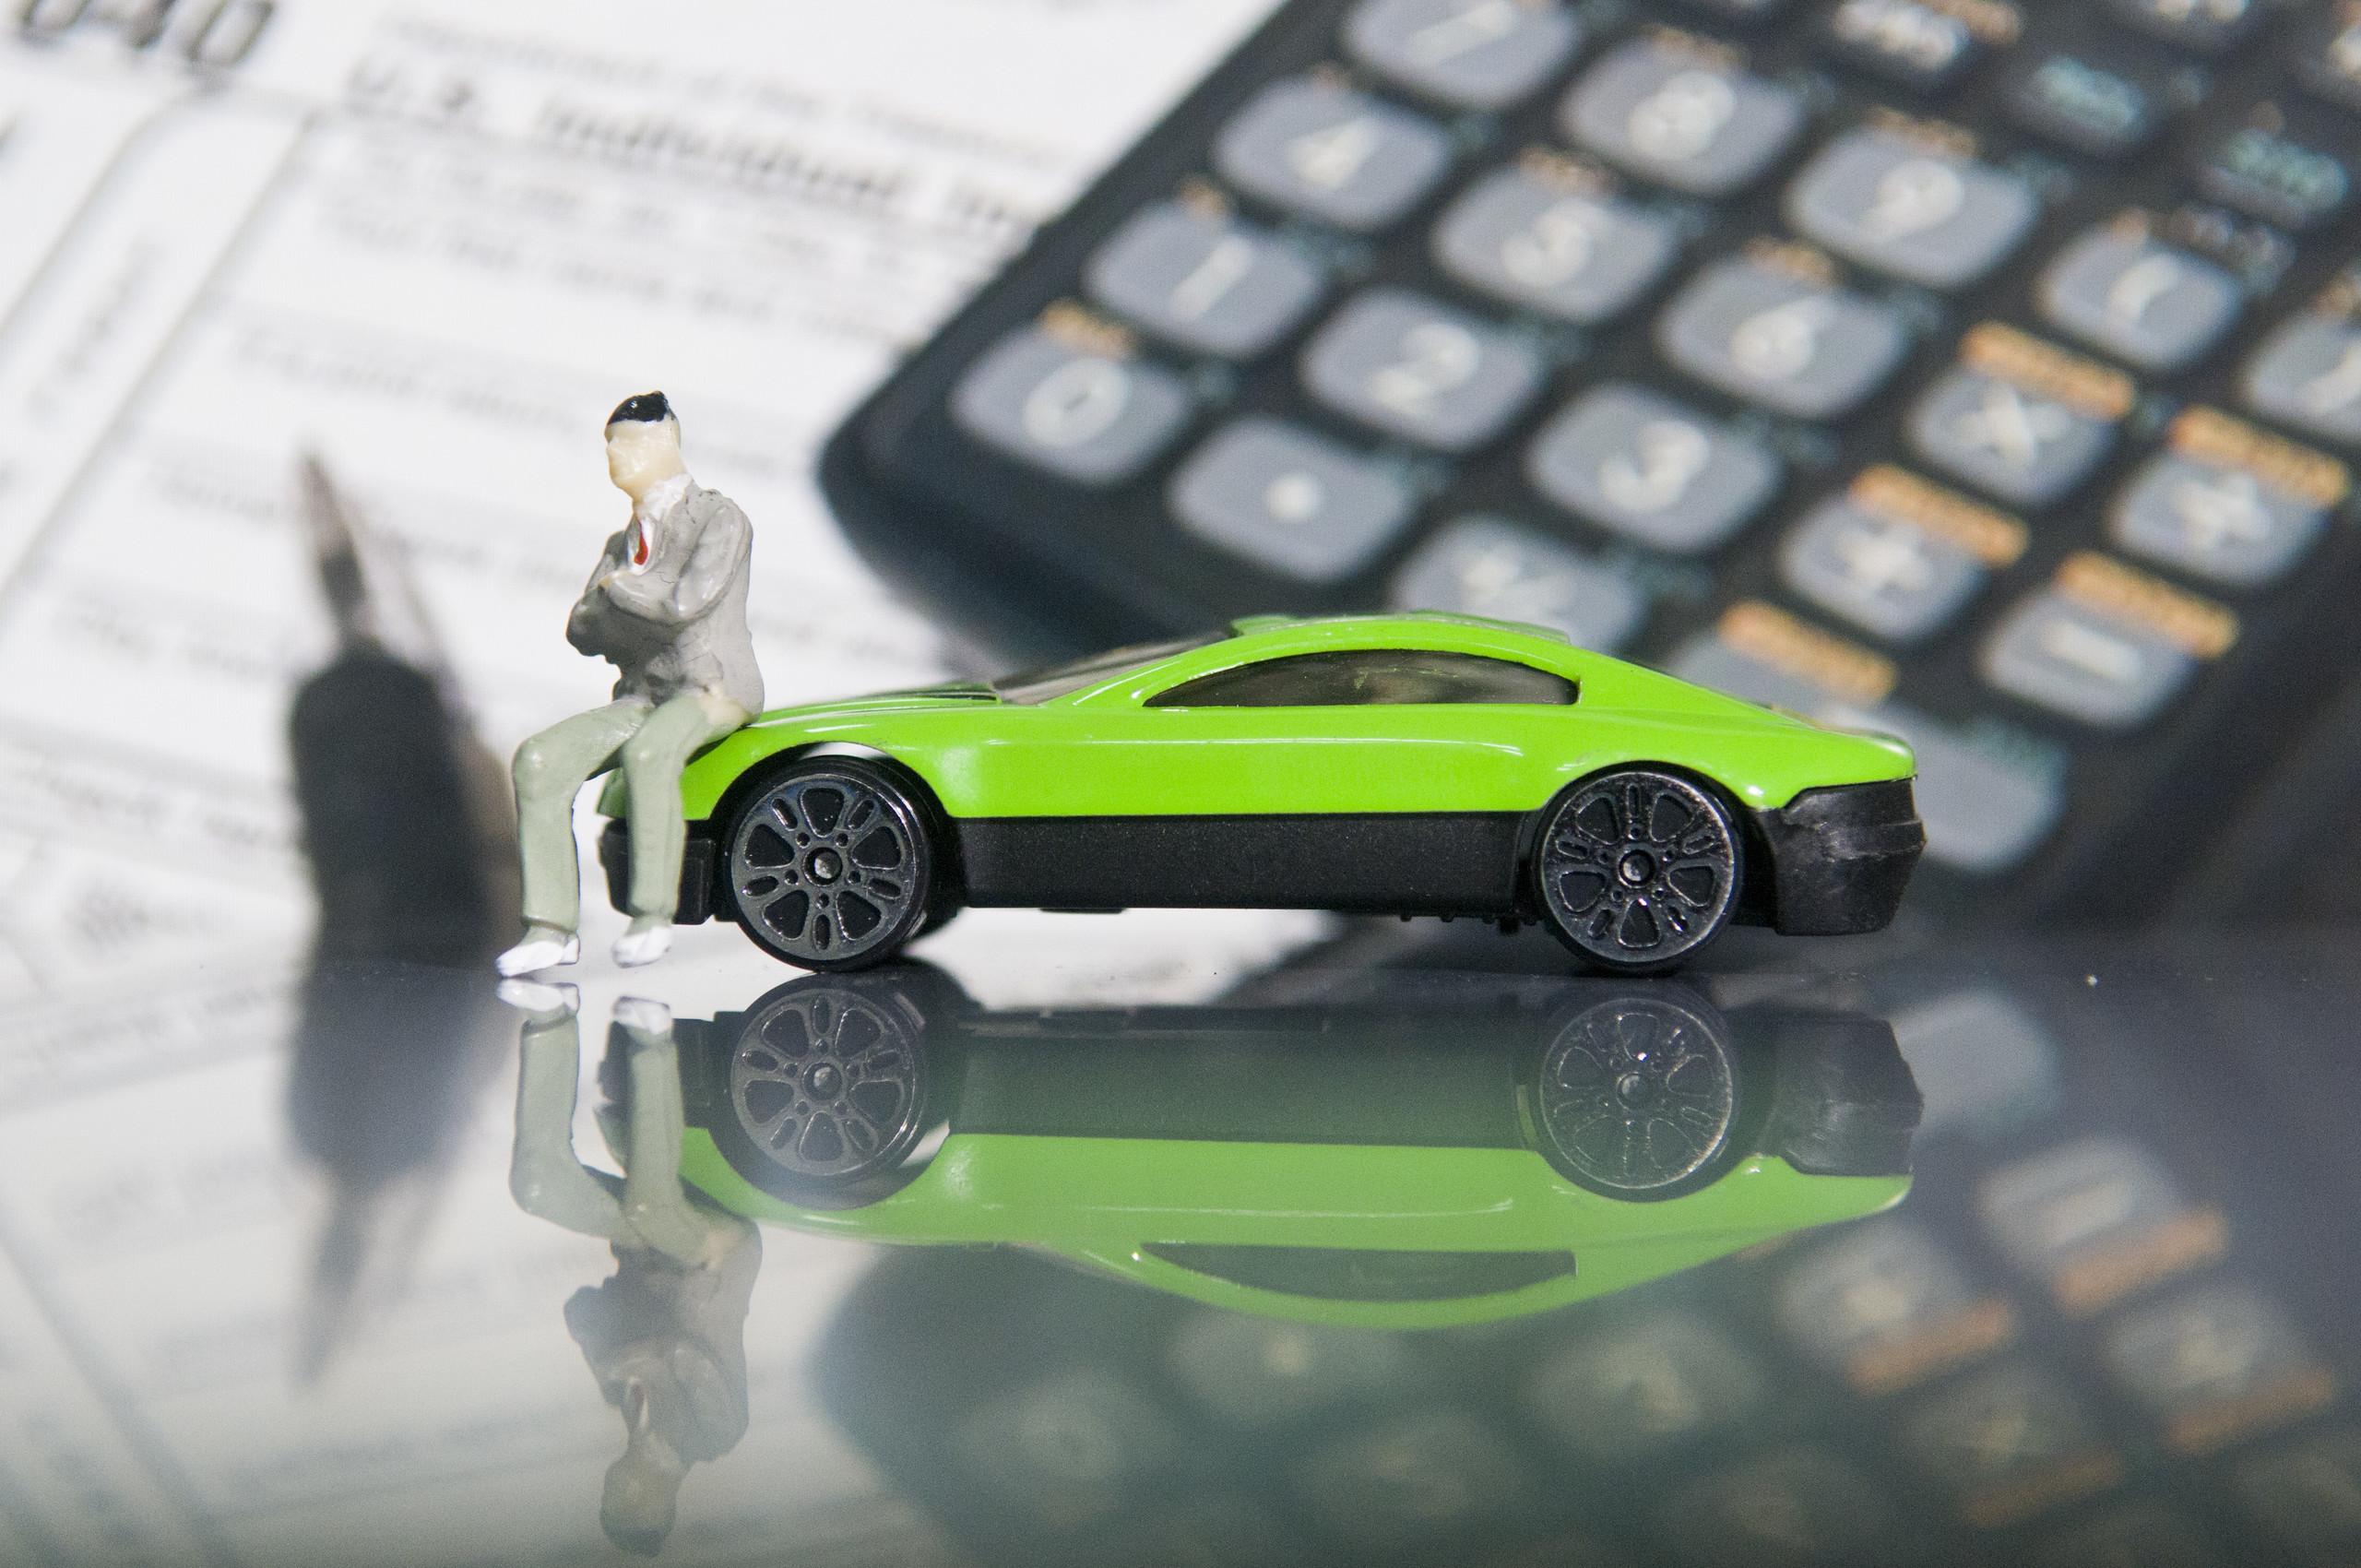 新能源汽车产业 新能源汽车产业2035规划即将出炉,任亚辉背后的造车新势力还能否乘东风?